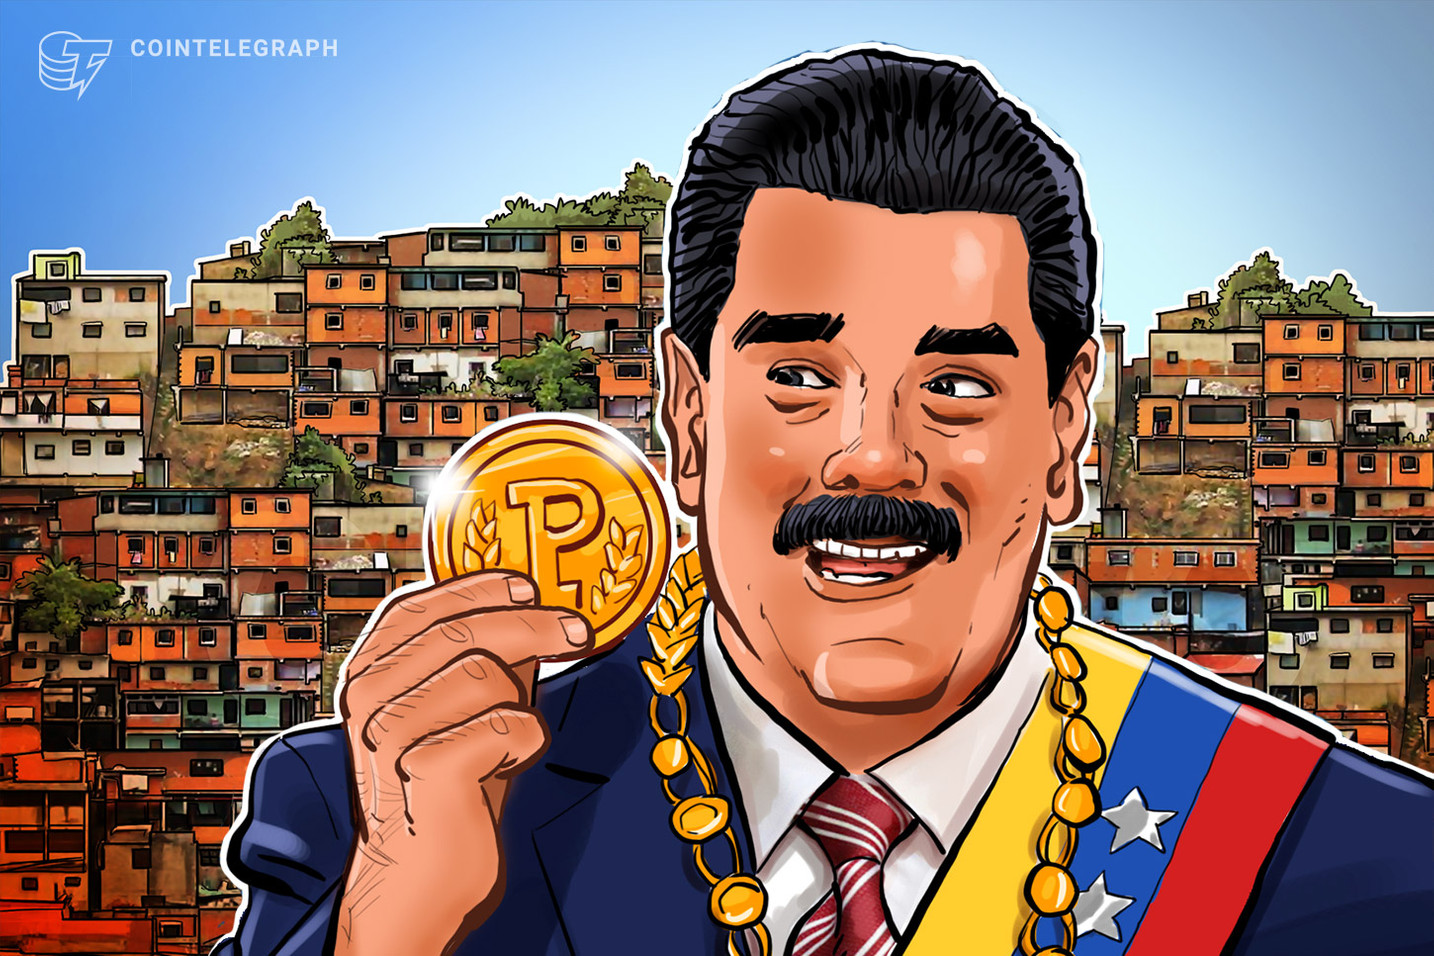 「クリスマスは仮想通貨を使って過ごそう!」ベネズエラで独自通貨ペトロを年金受給者に配布